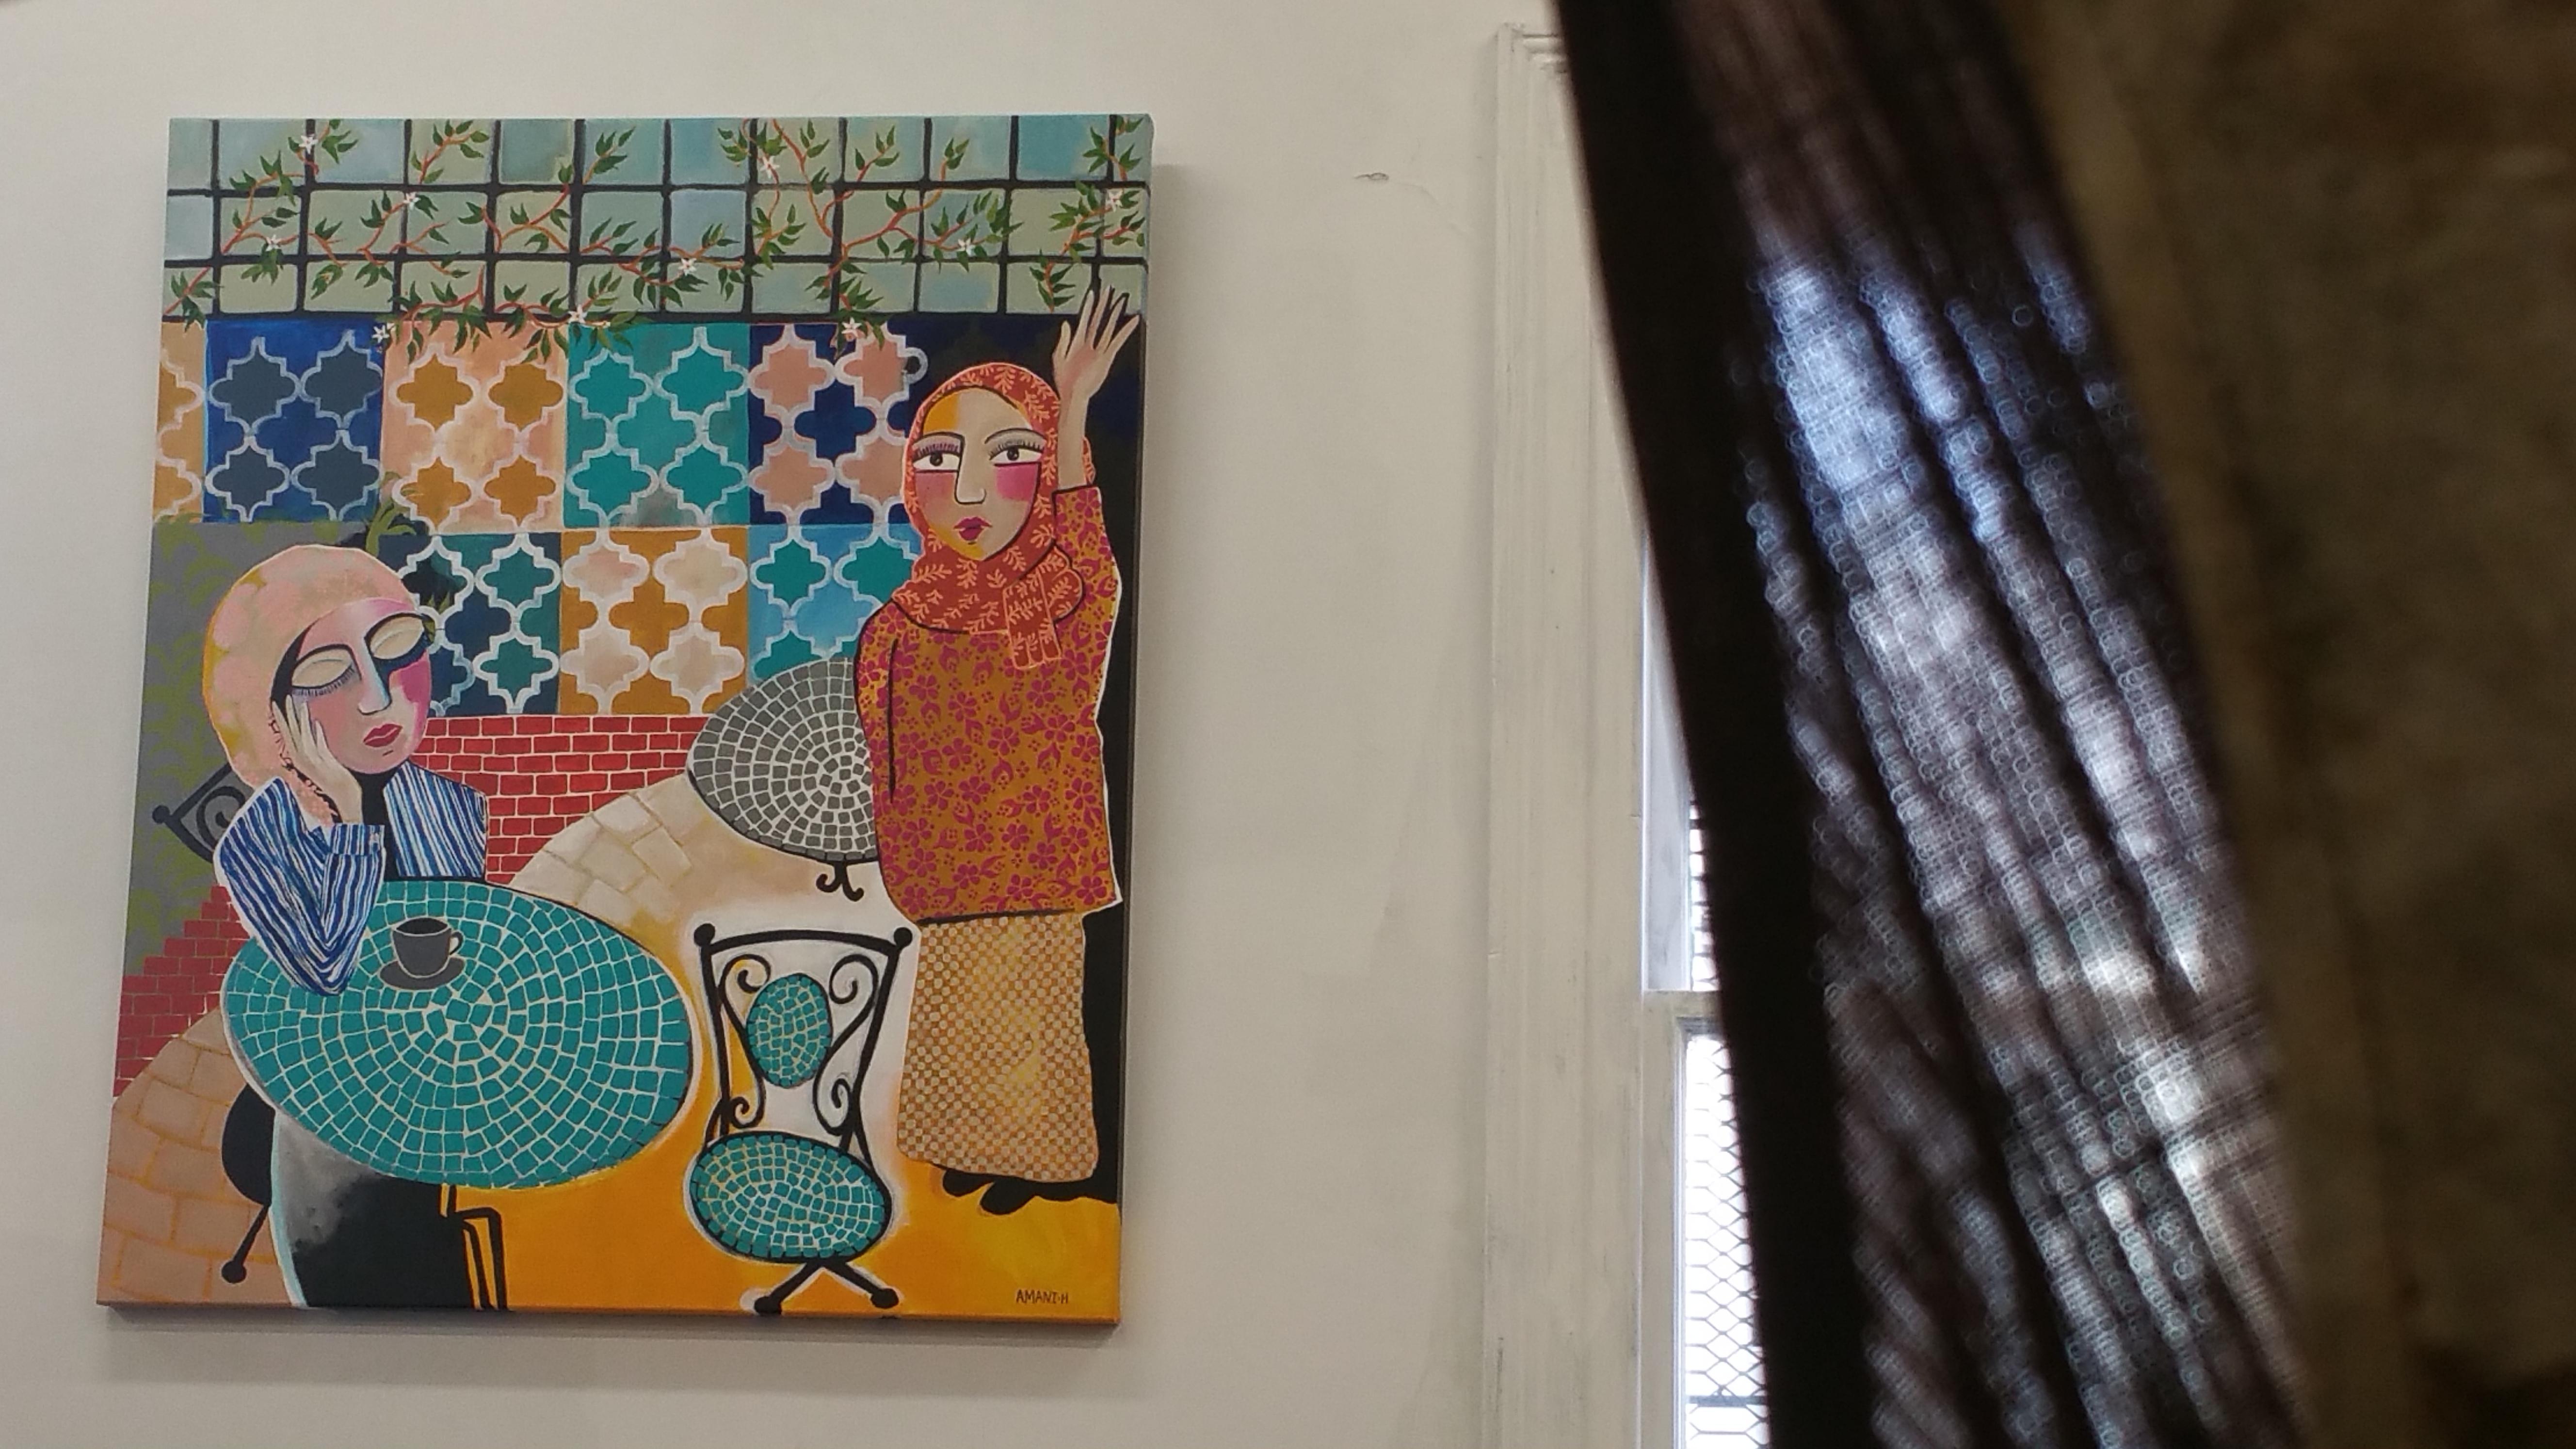 Amani Haydar's work in the Herland exhibition